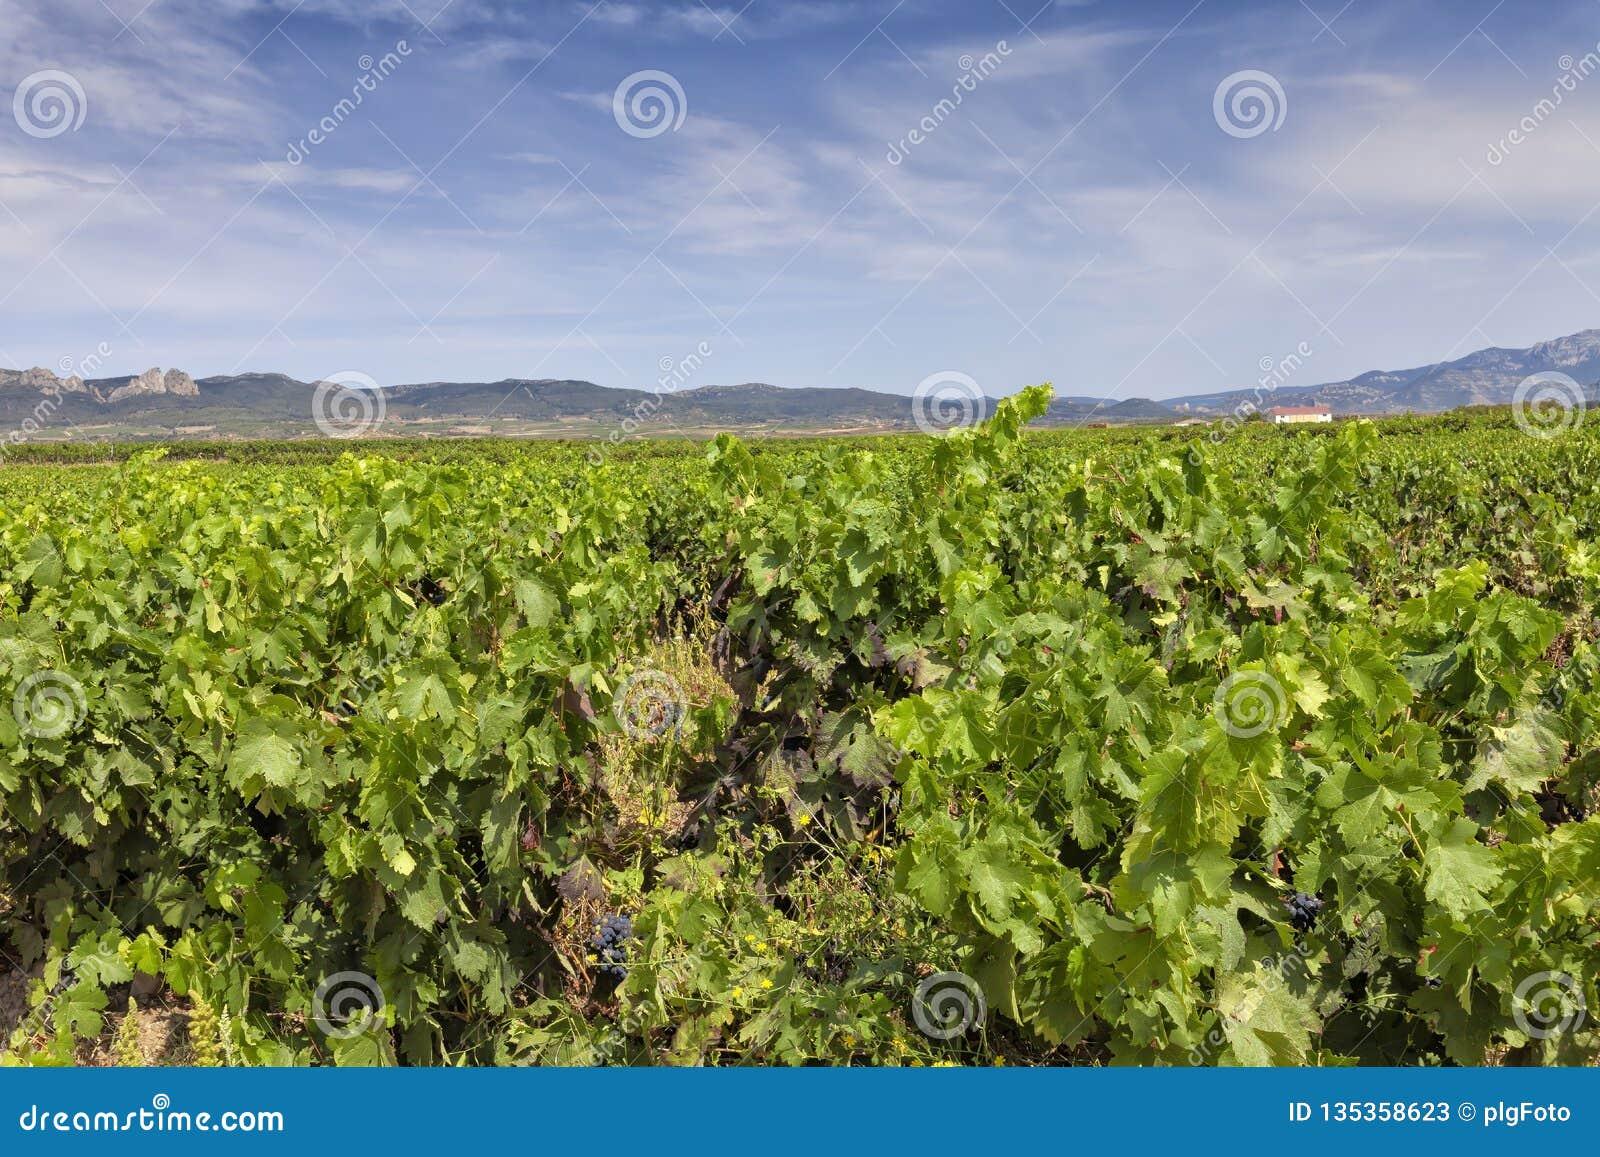 Viñedos en la región de La Rioja